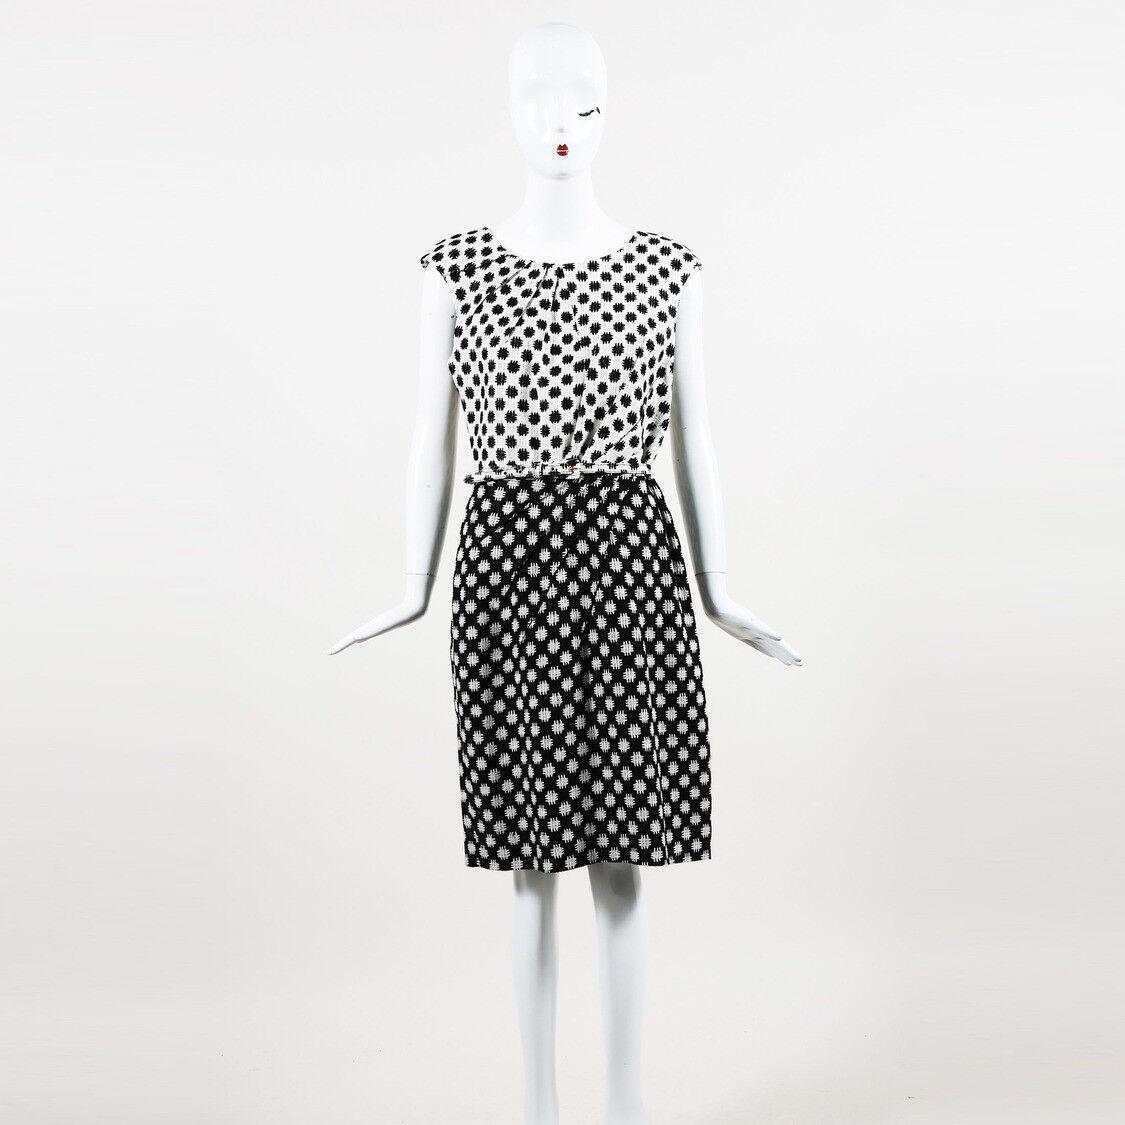 Oscar Oscar Oscar de la Renta Patterned Silk Dress SZ 8 4a3cac